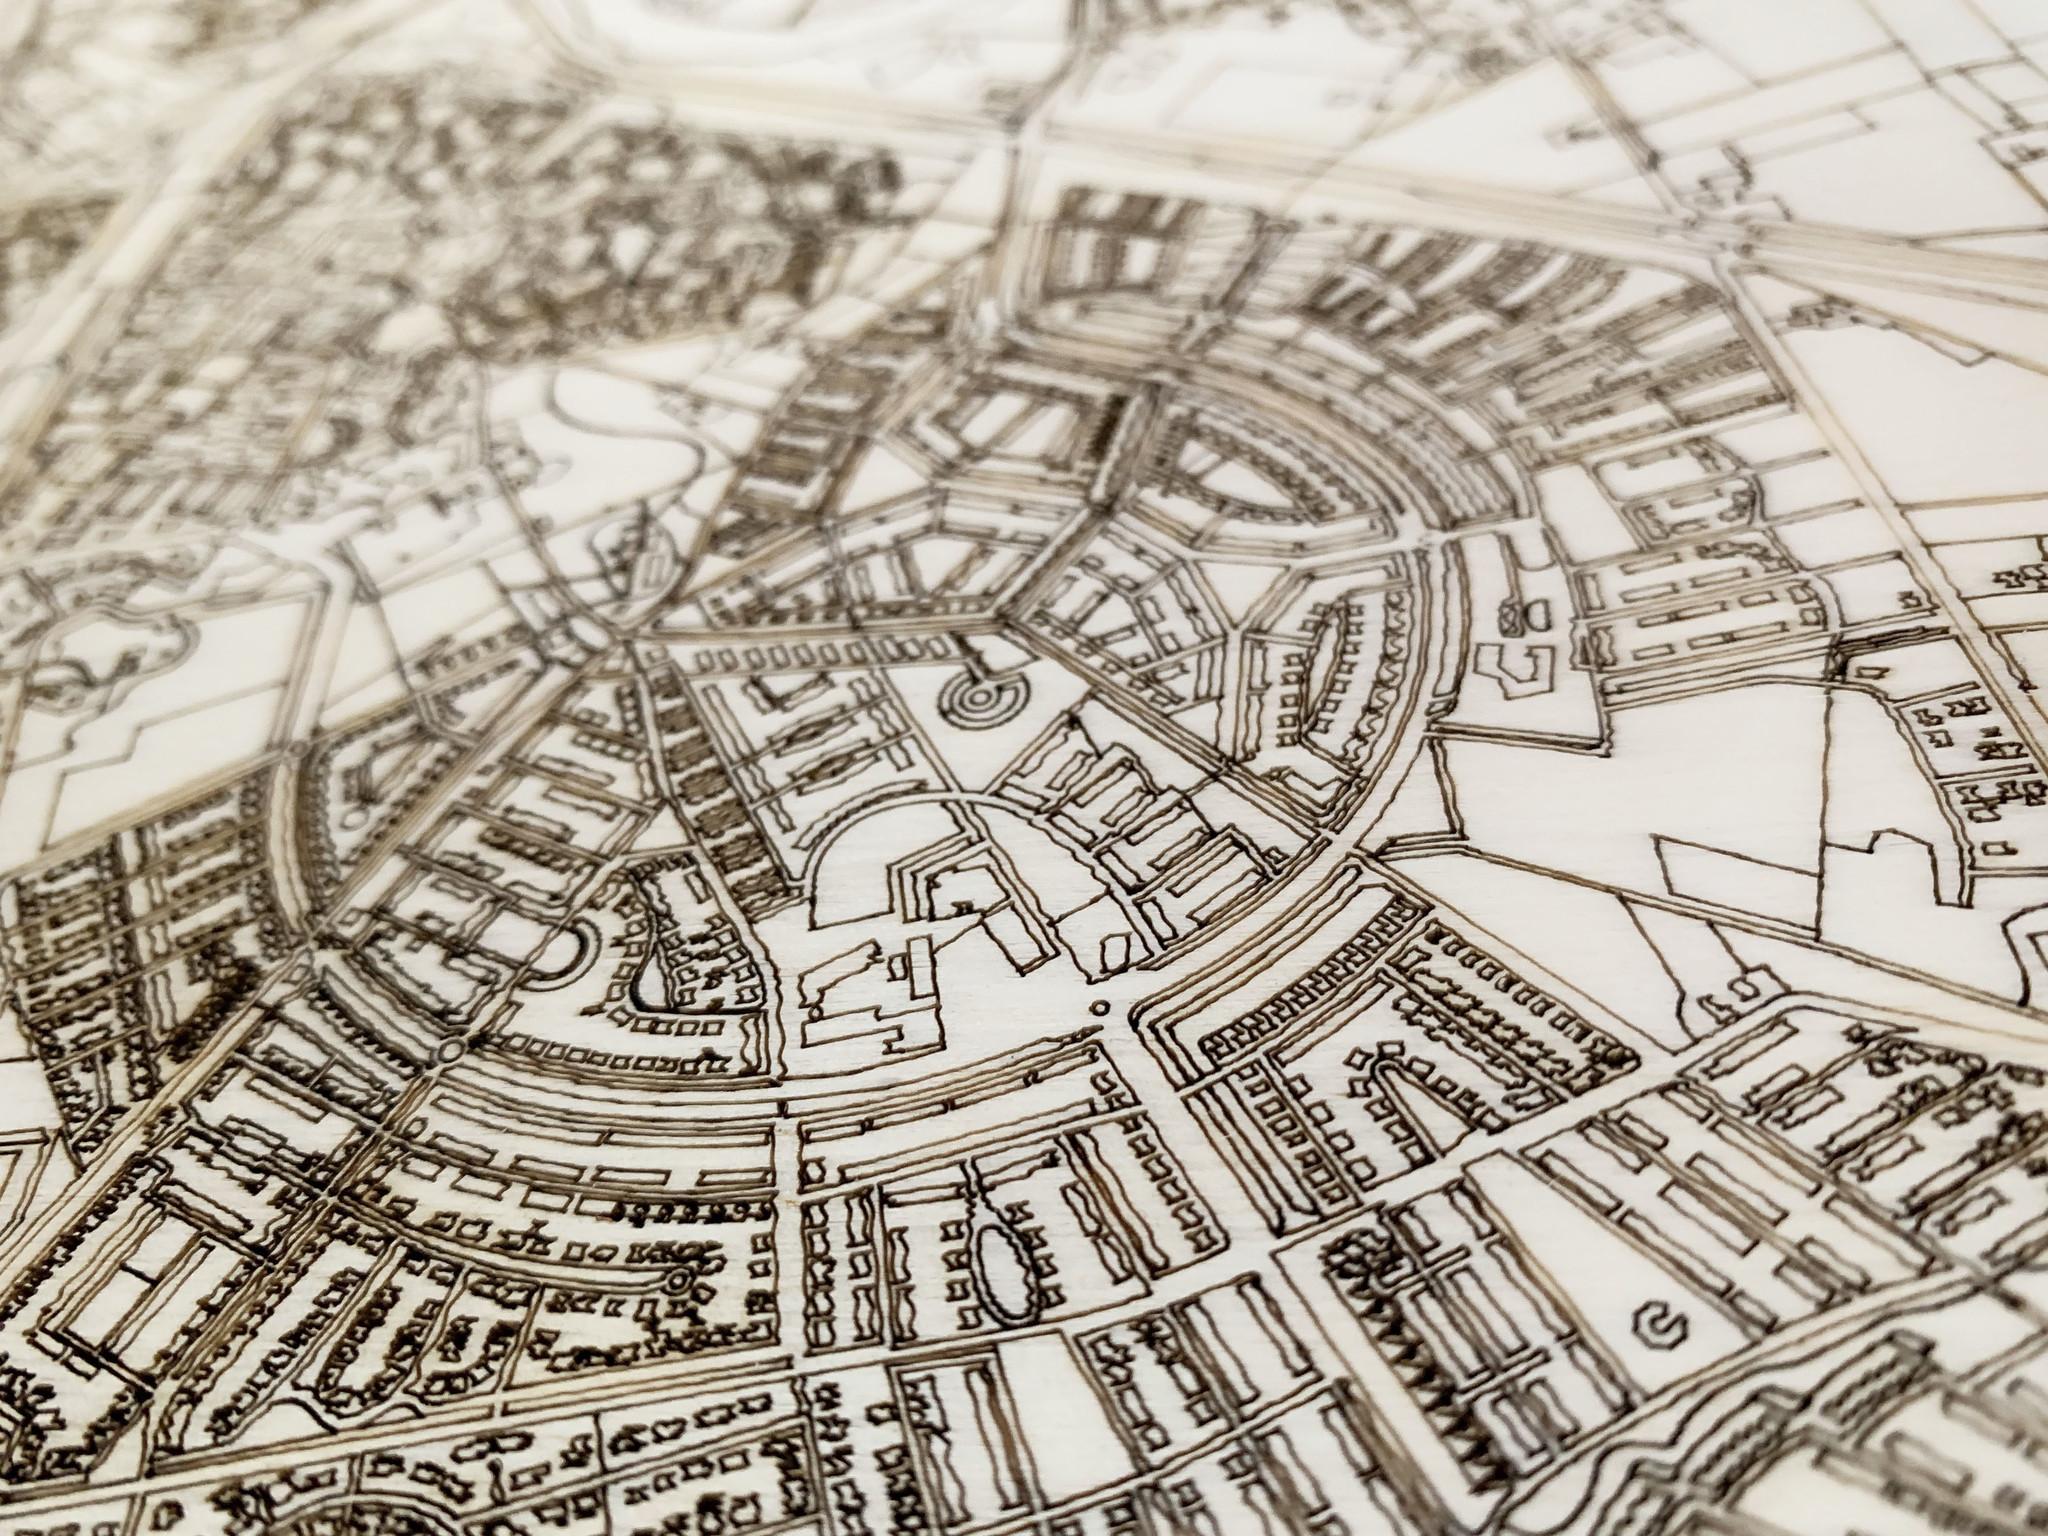 Houten stadsplattegrond Moordrecht-4